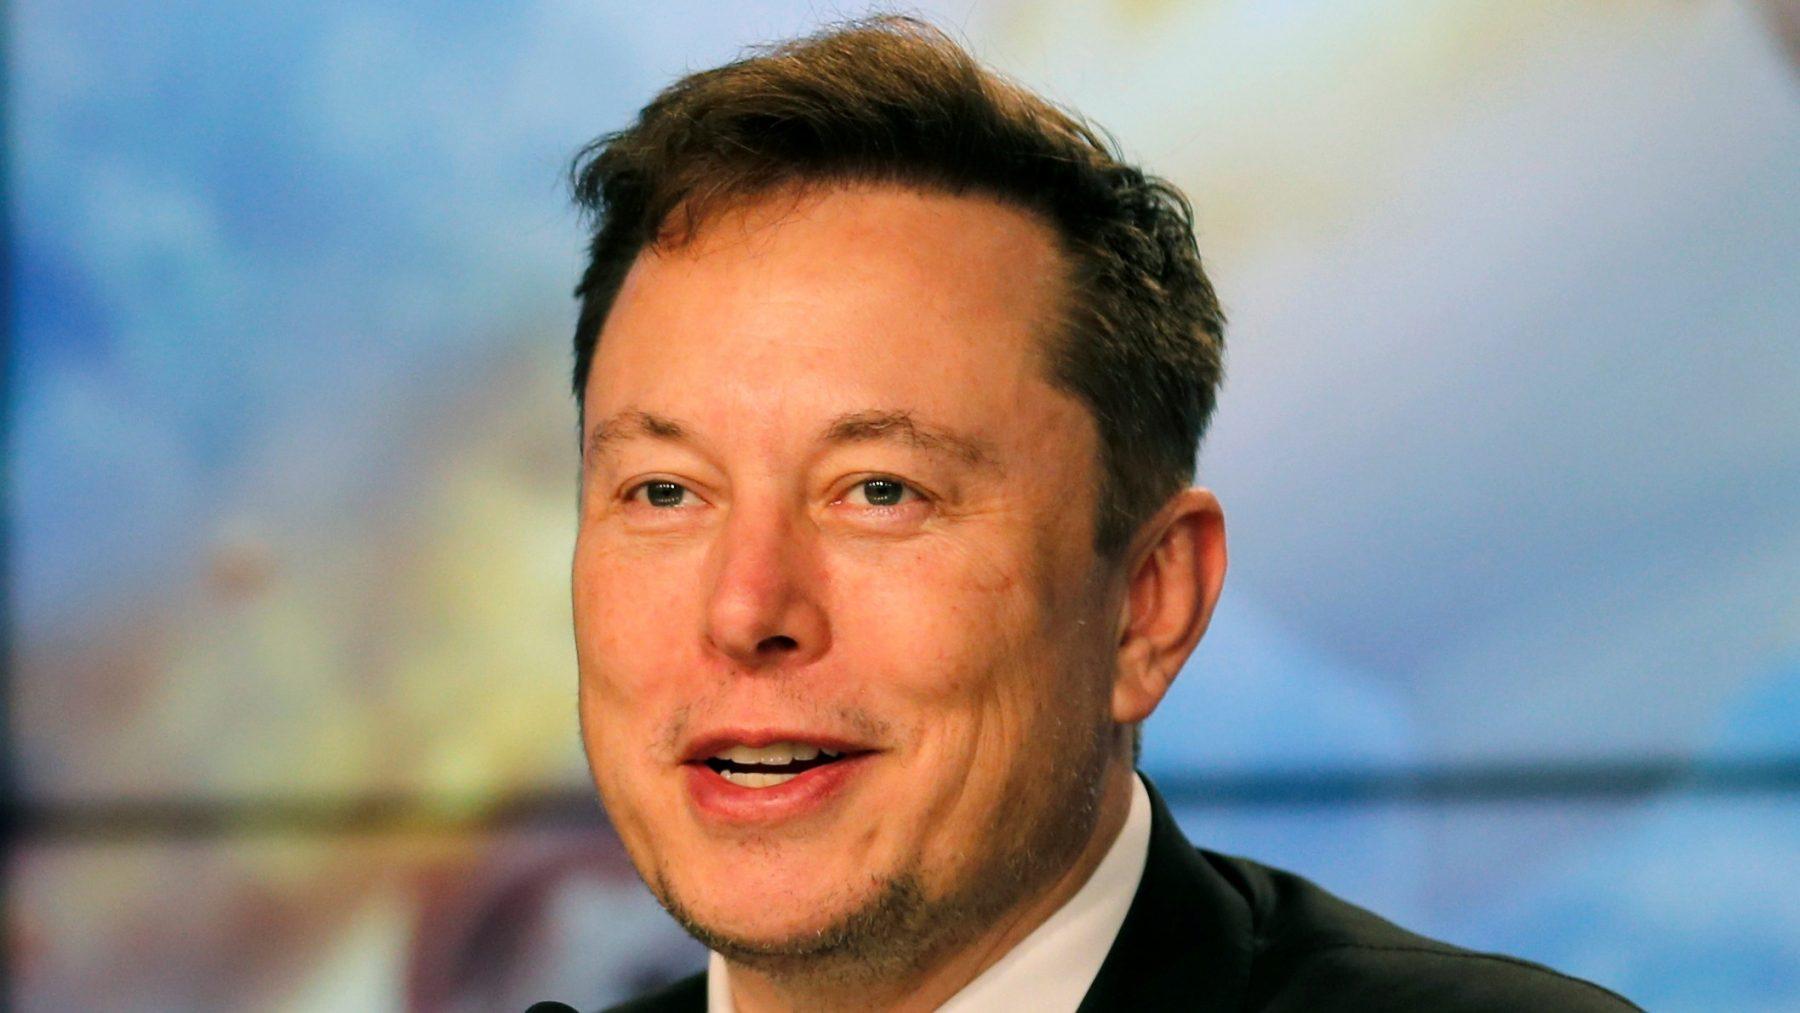 Elon Musk wil muziekchip voor in je hersenen ontwikkelen